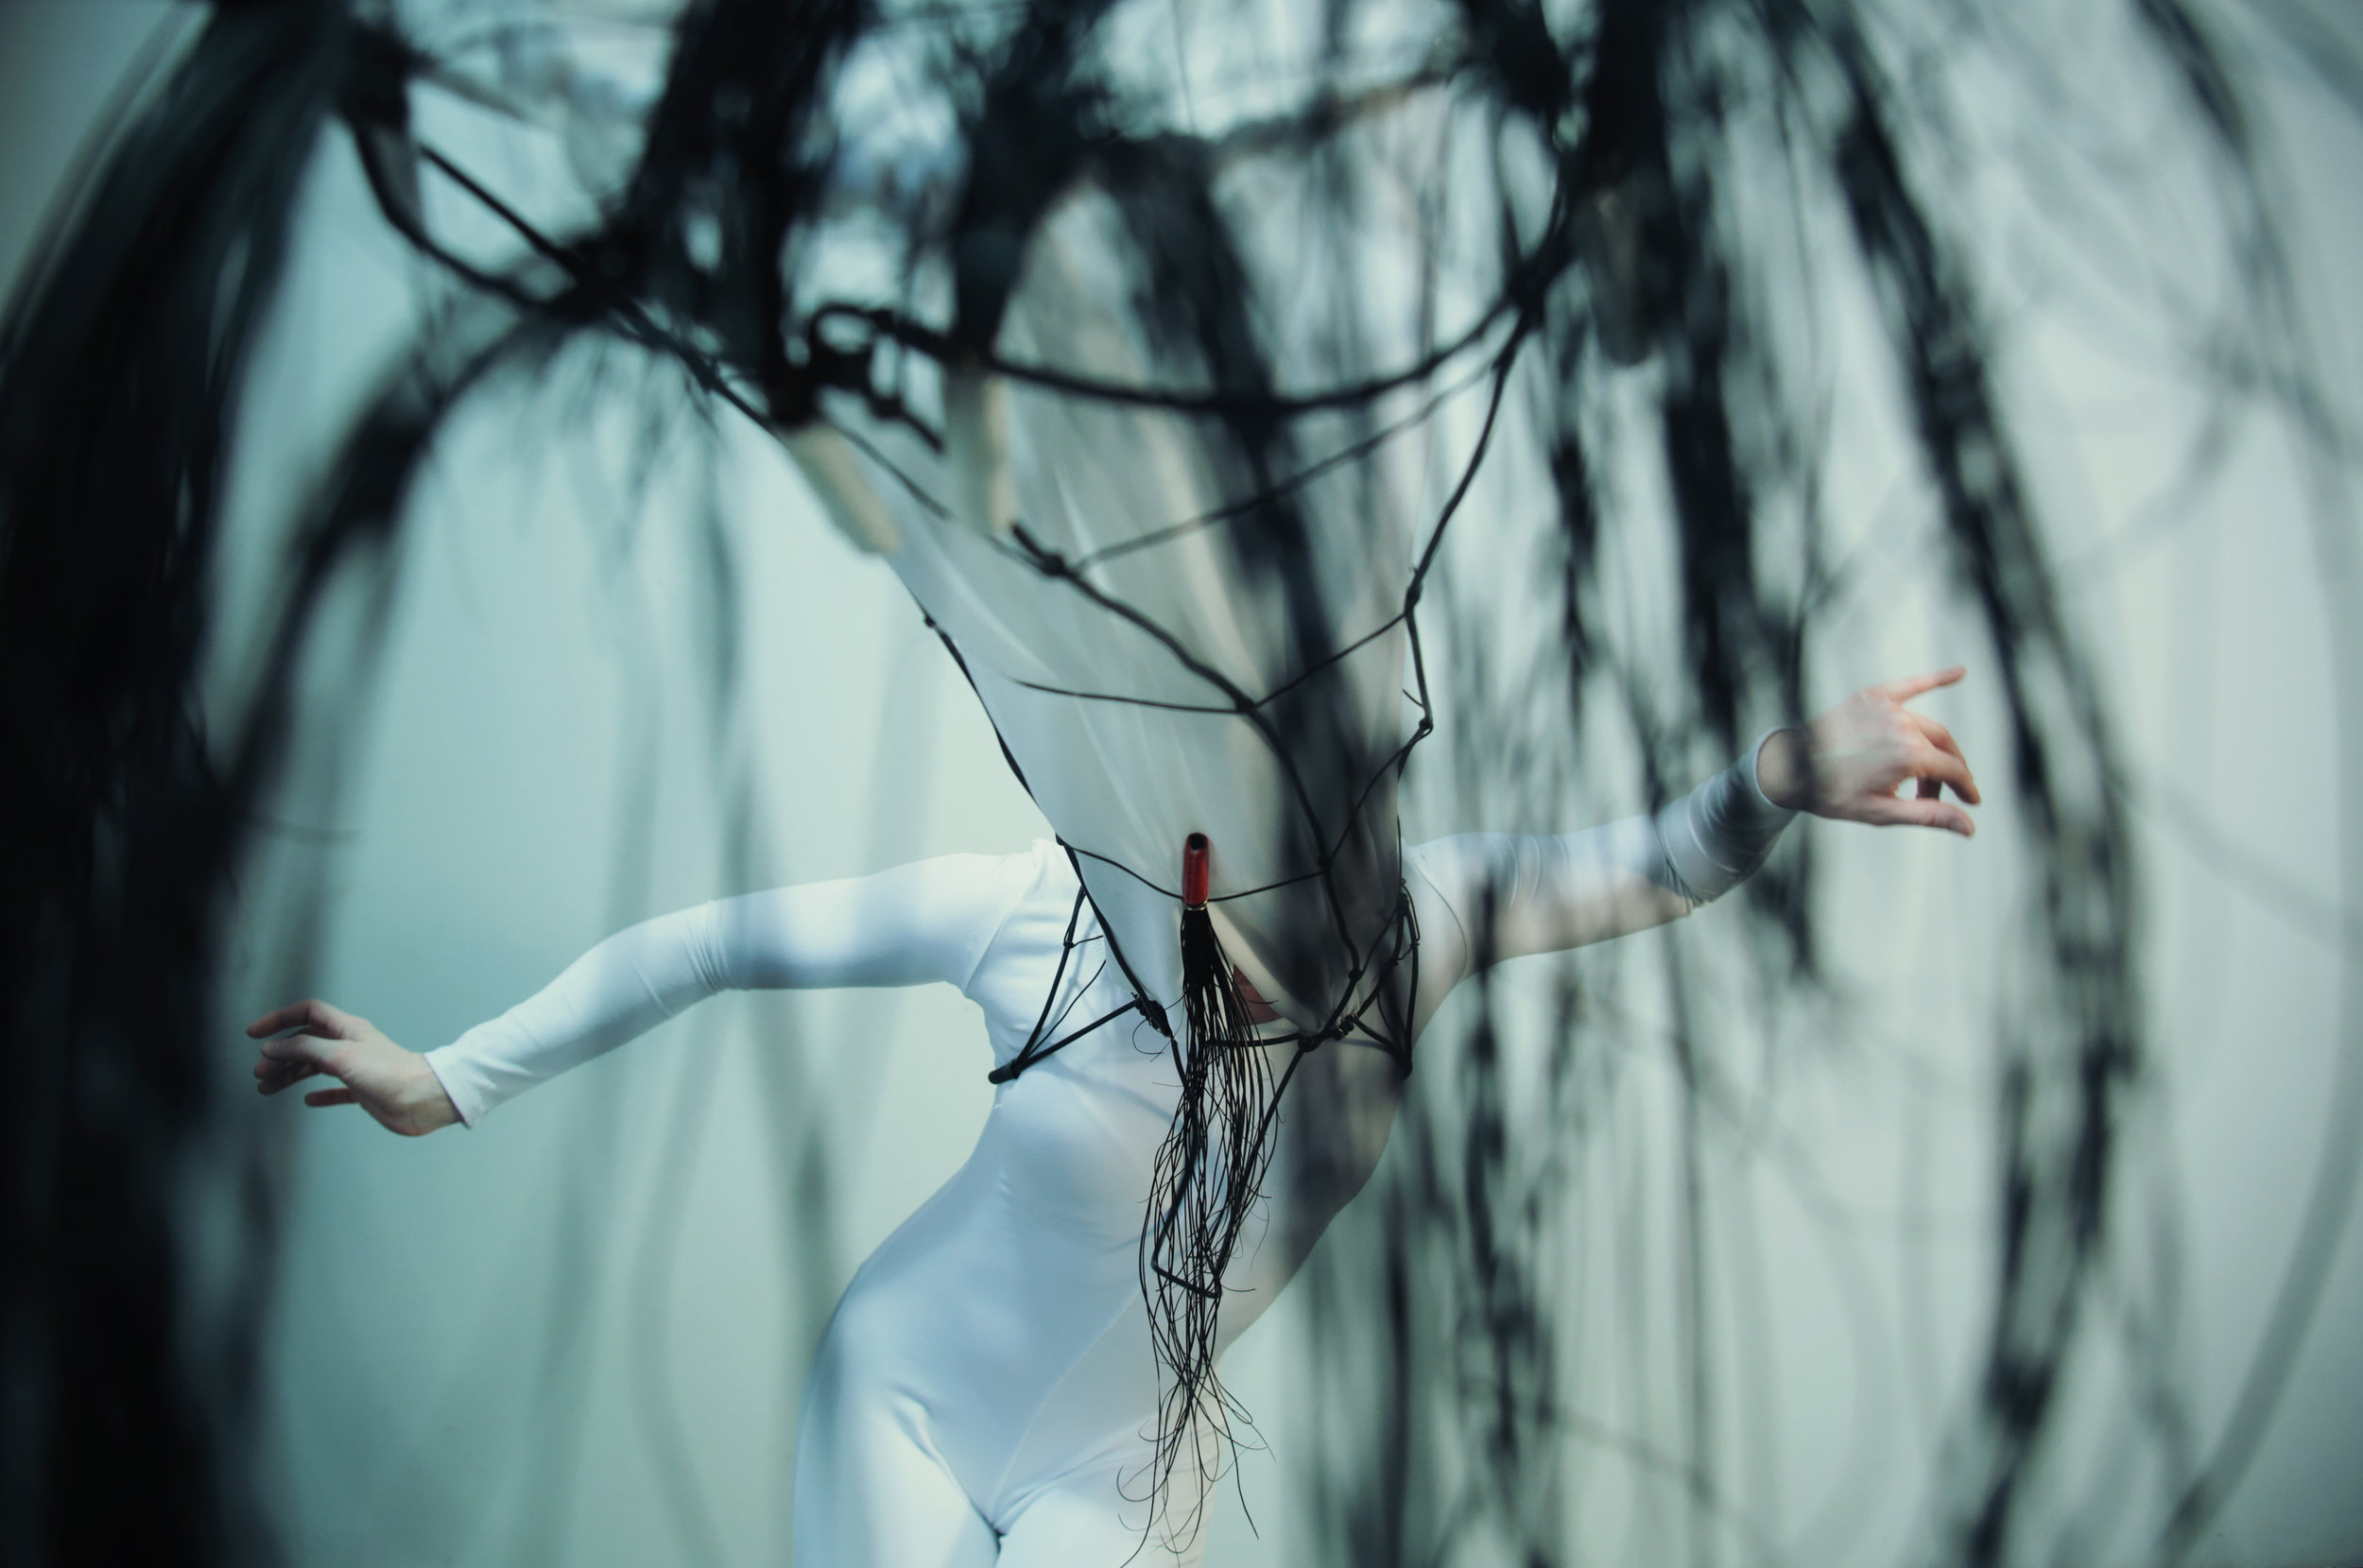 Water Ballet